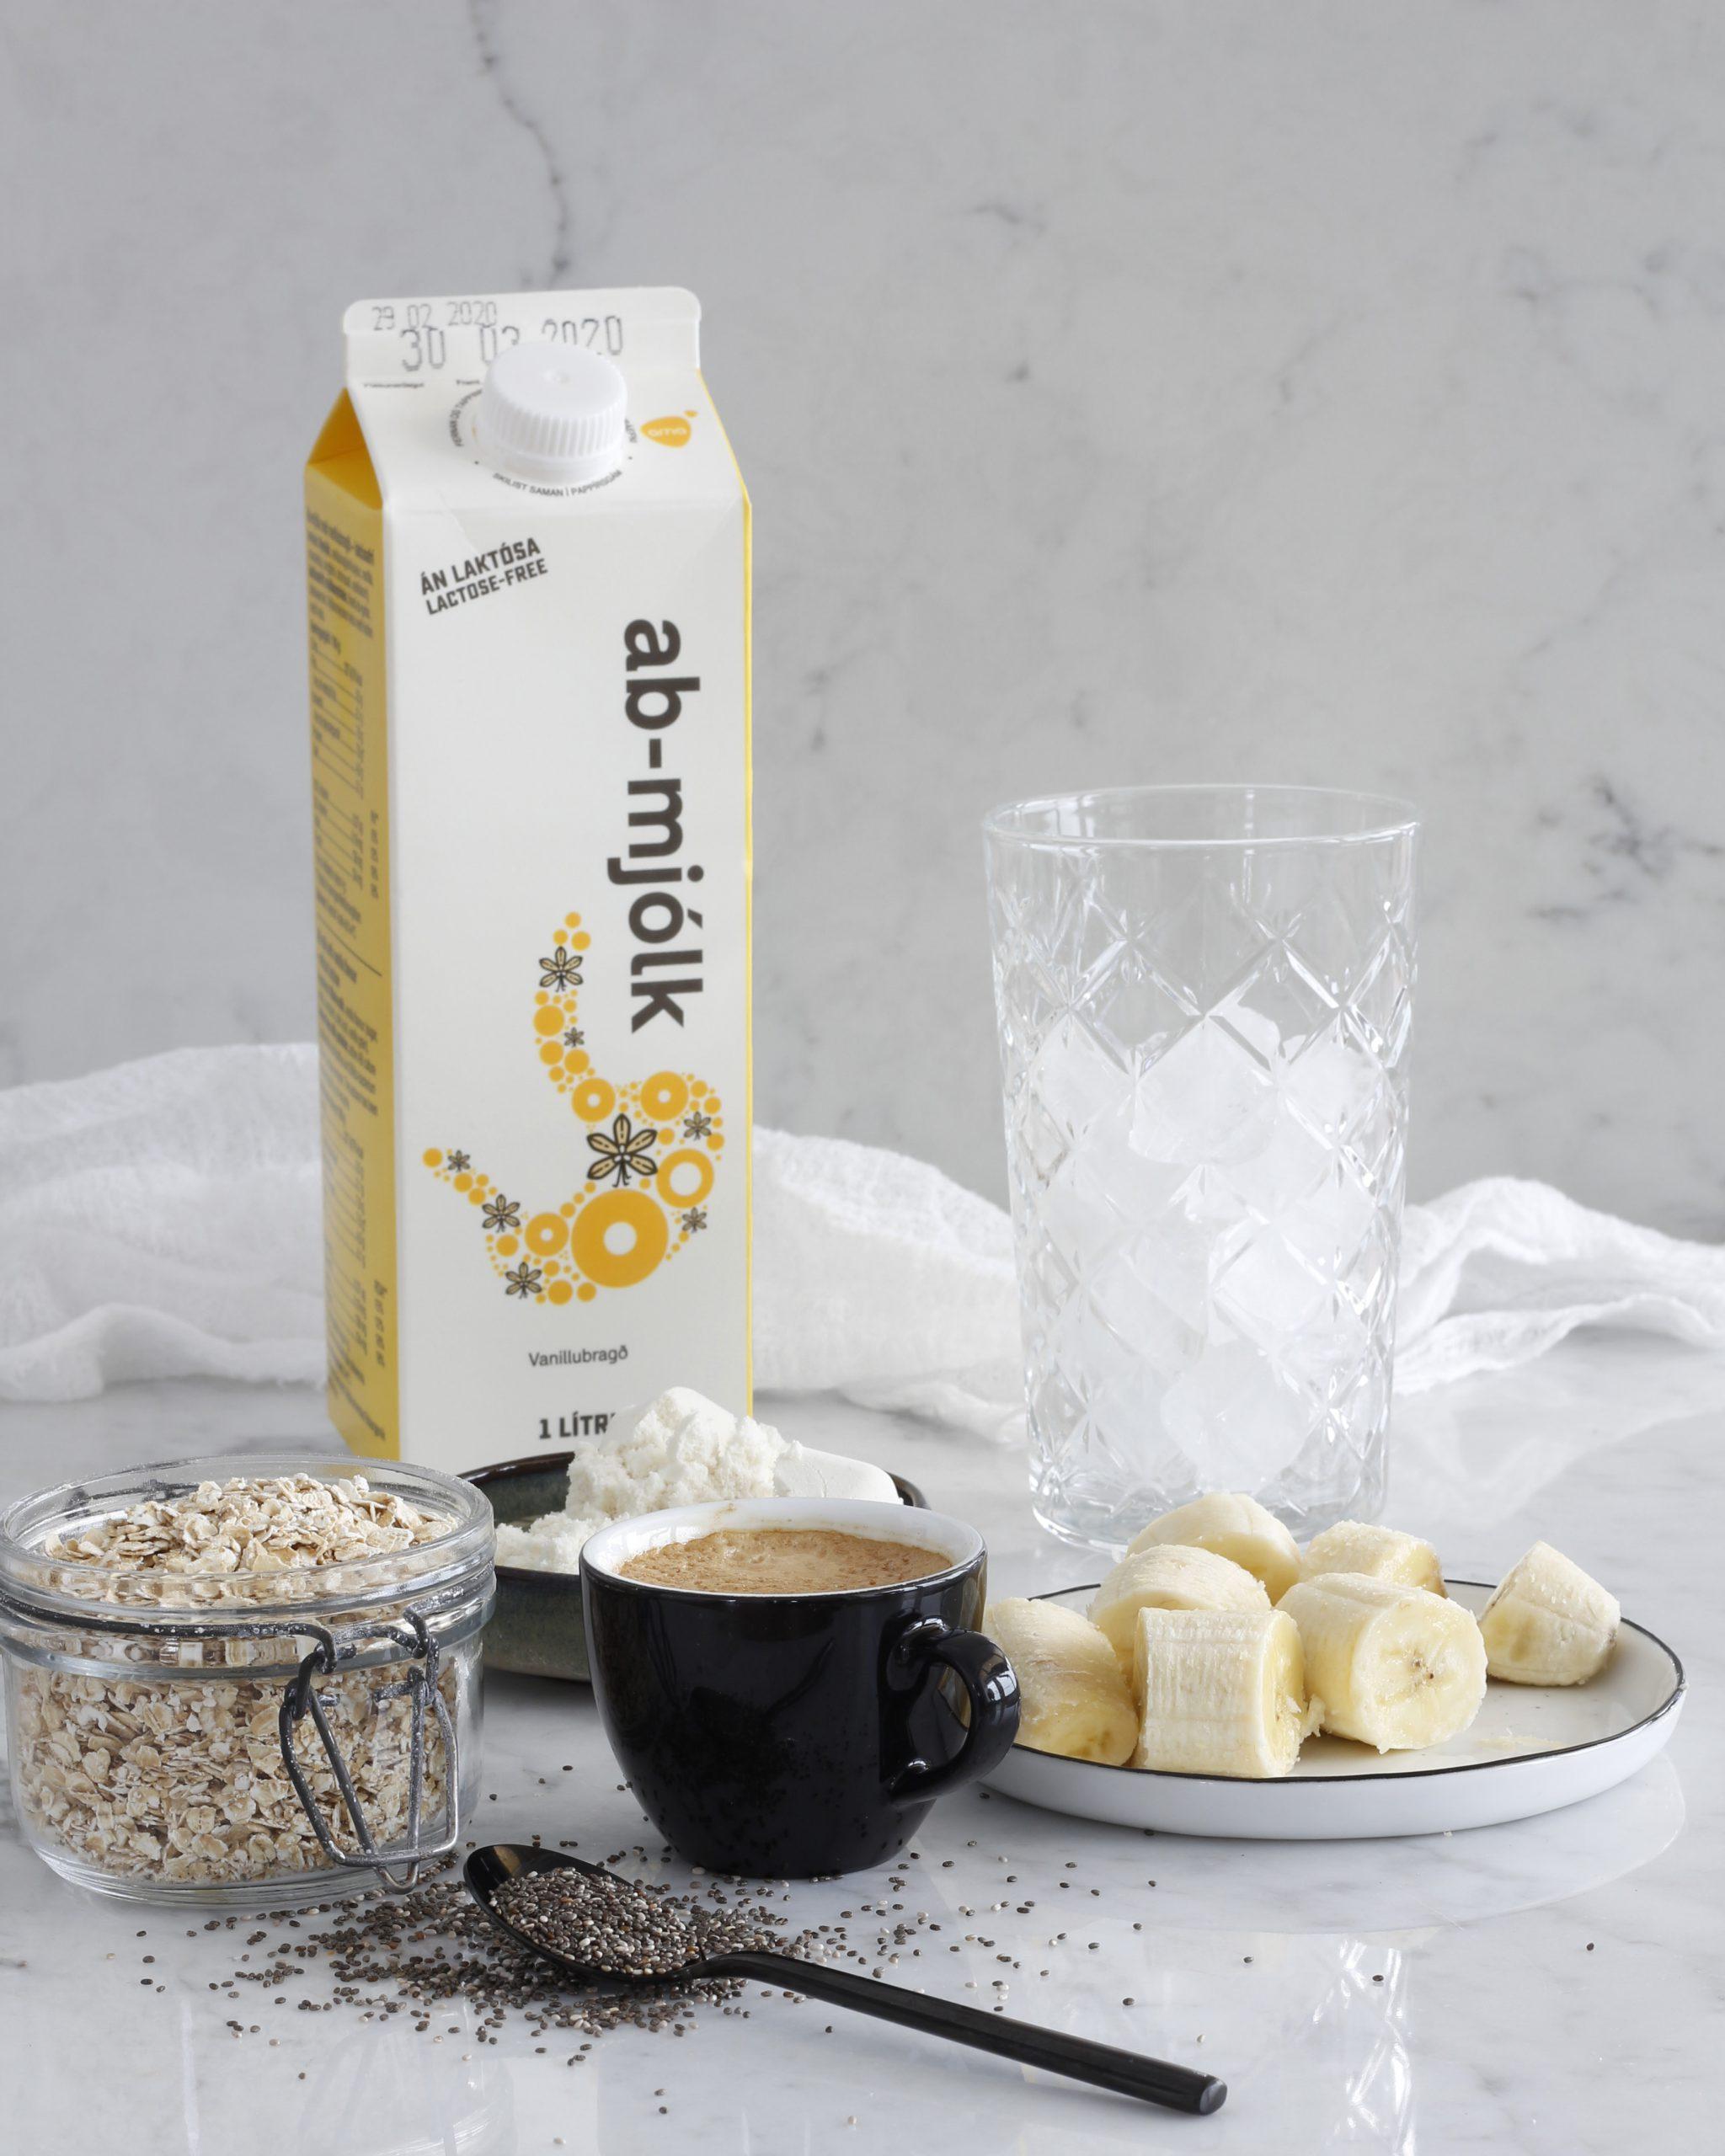 Silkimjúkur Espresso smoothie